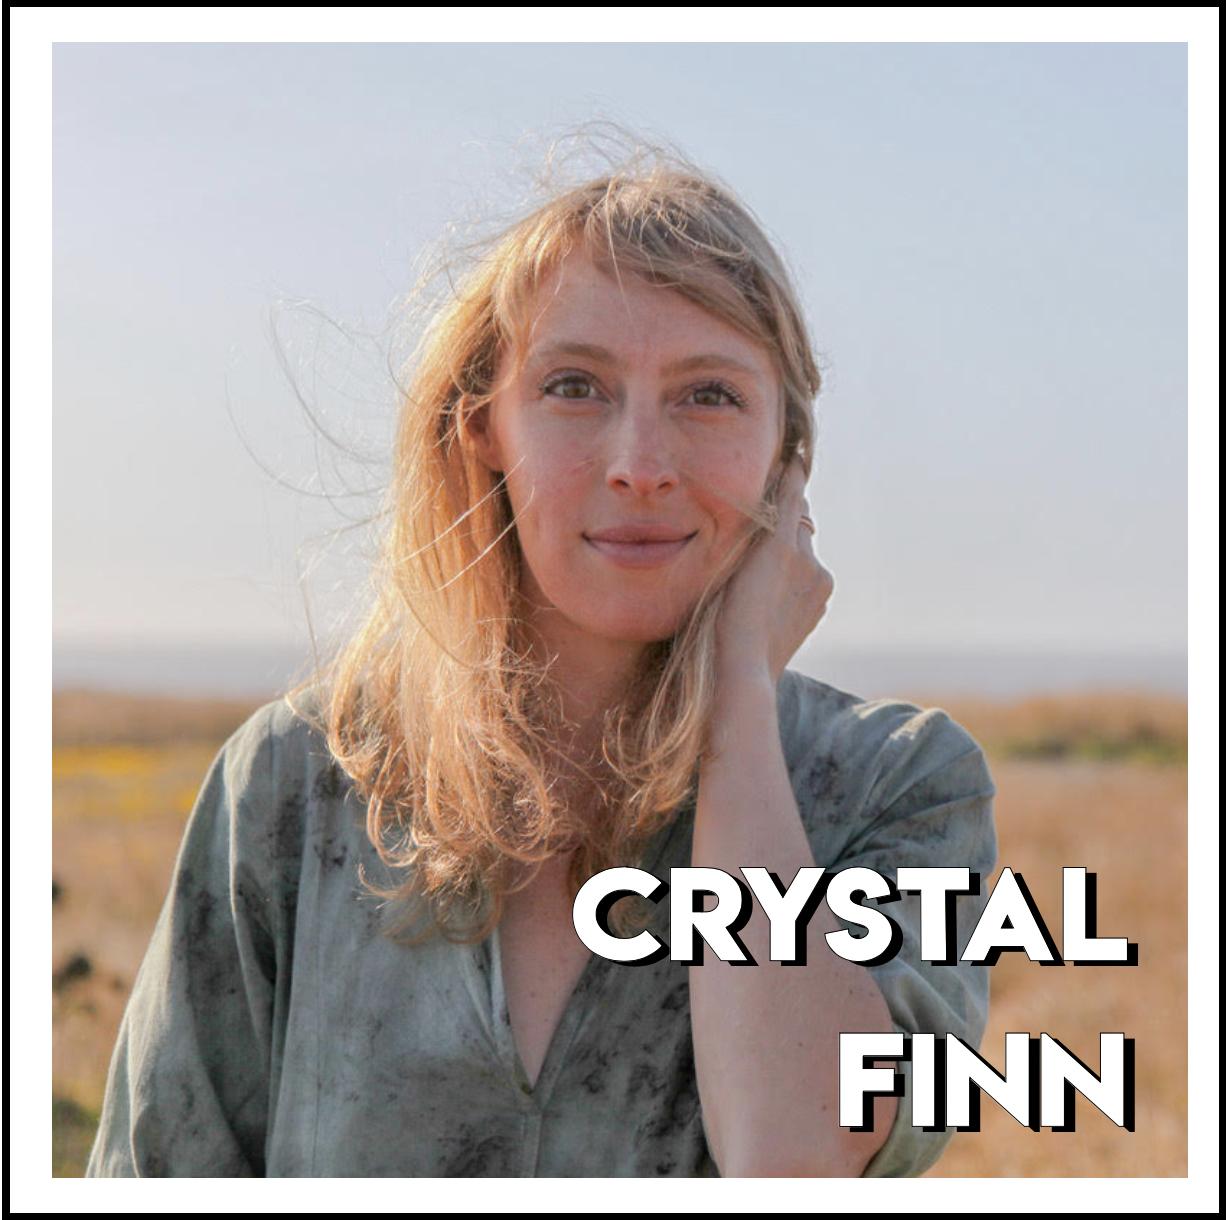 Crystal Finn